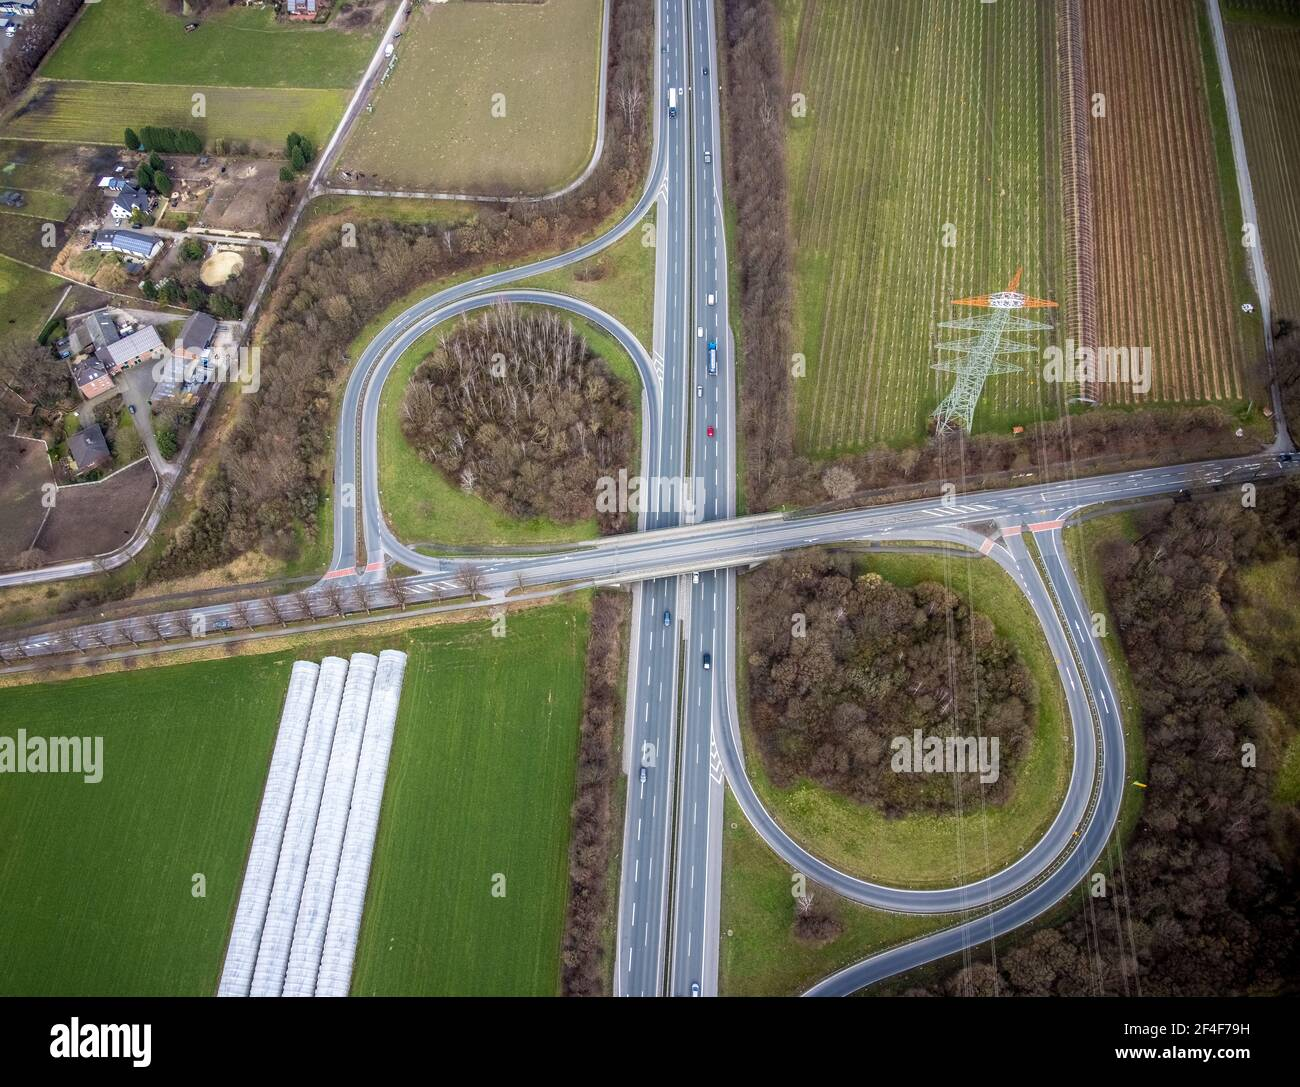 Luftaufnahme, Autobahnkreuz Kirchhellen, A31, Bottrop-Kirchhellen, Ruhrgebiet, Nordrhein-Westfalen, Deutschland, A31 Autobahn, Autobahnkreuz Stockfoto